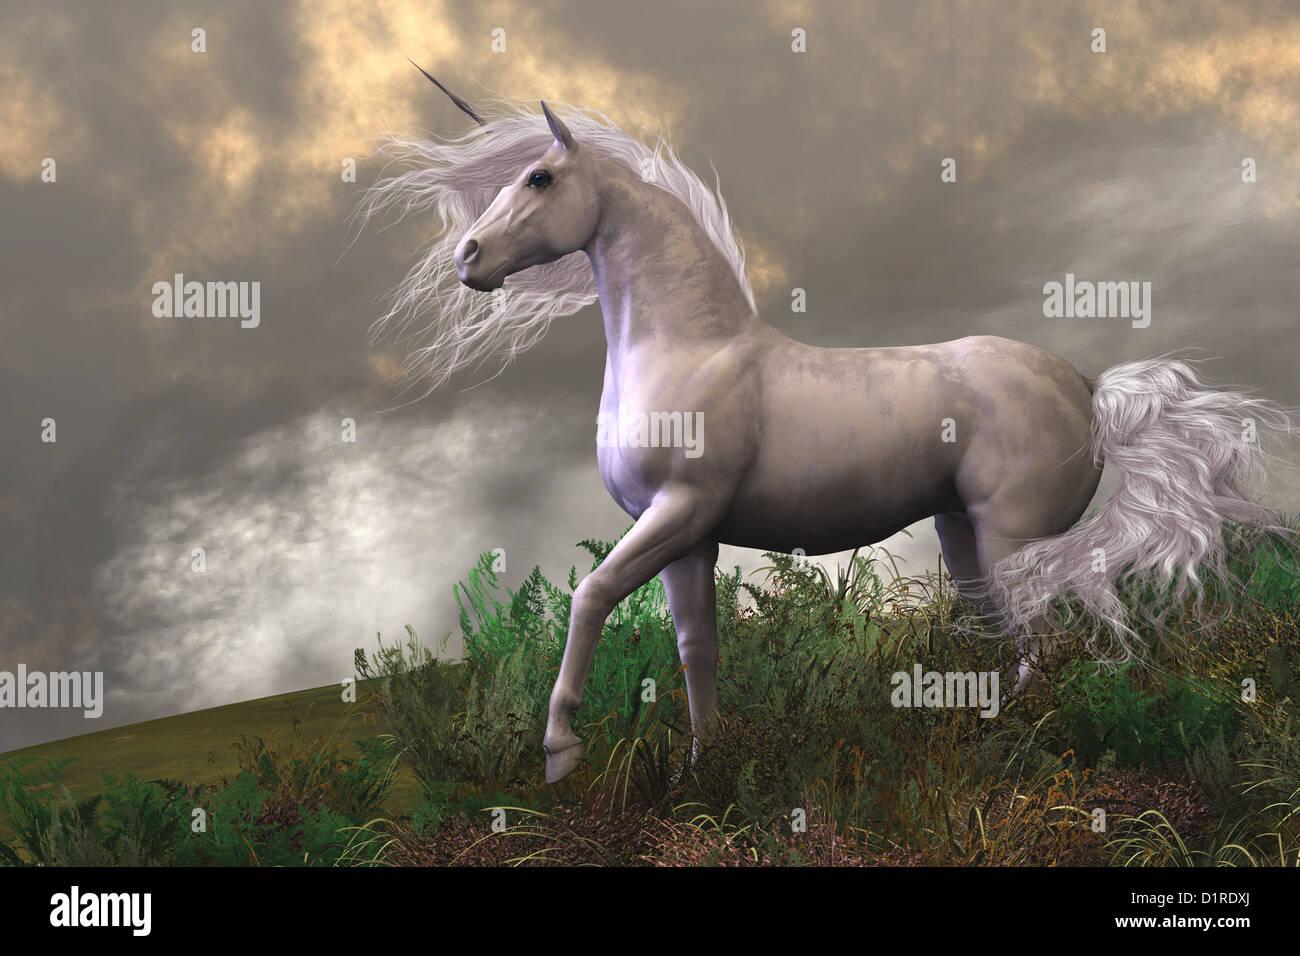 Las nubes y la niebla rodea un bello semental unicornio con una bata blanca. Imagen De Stock